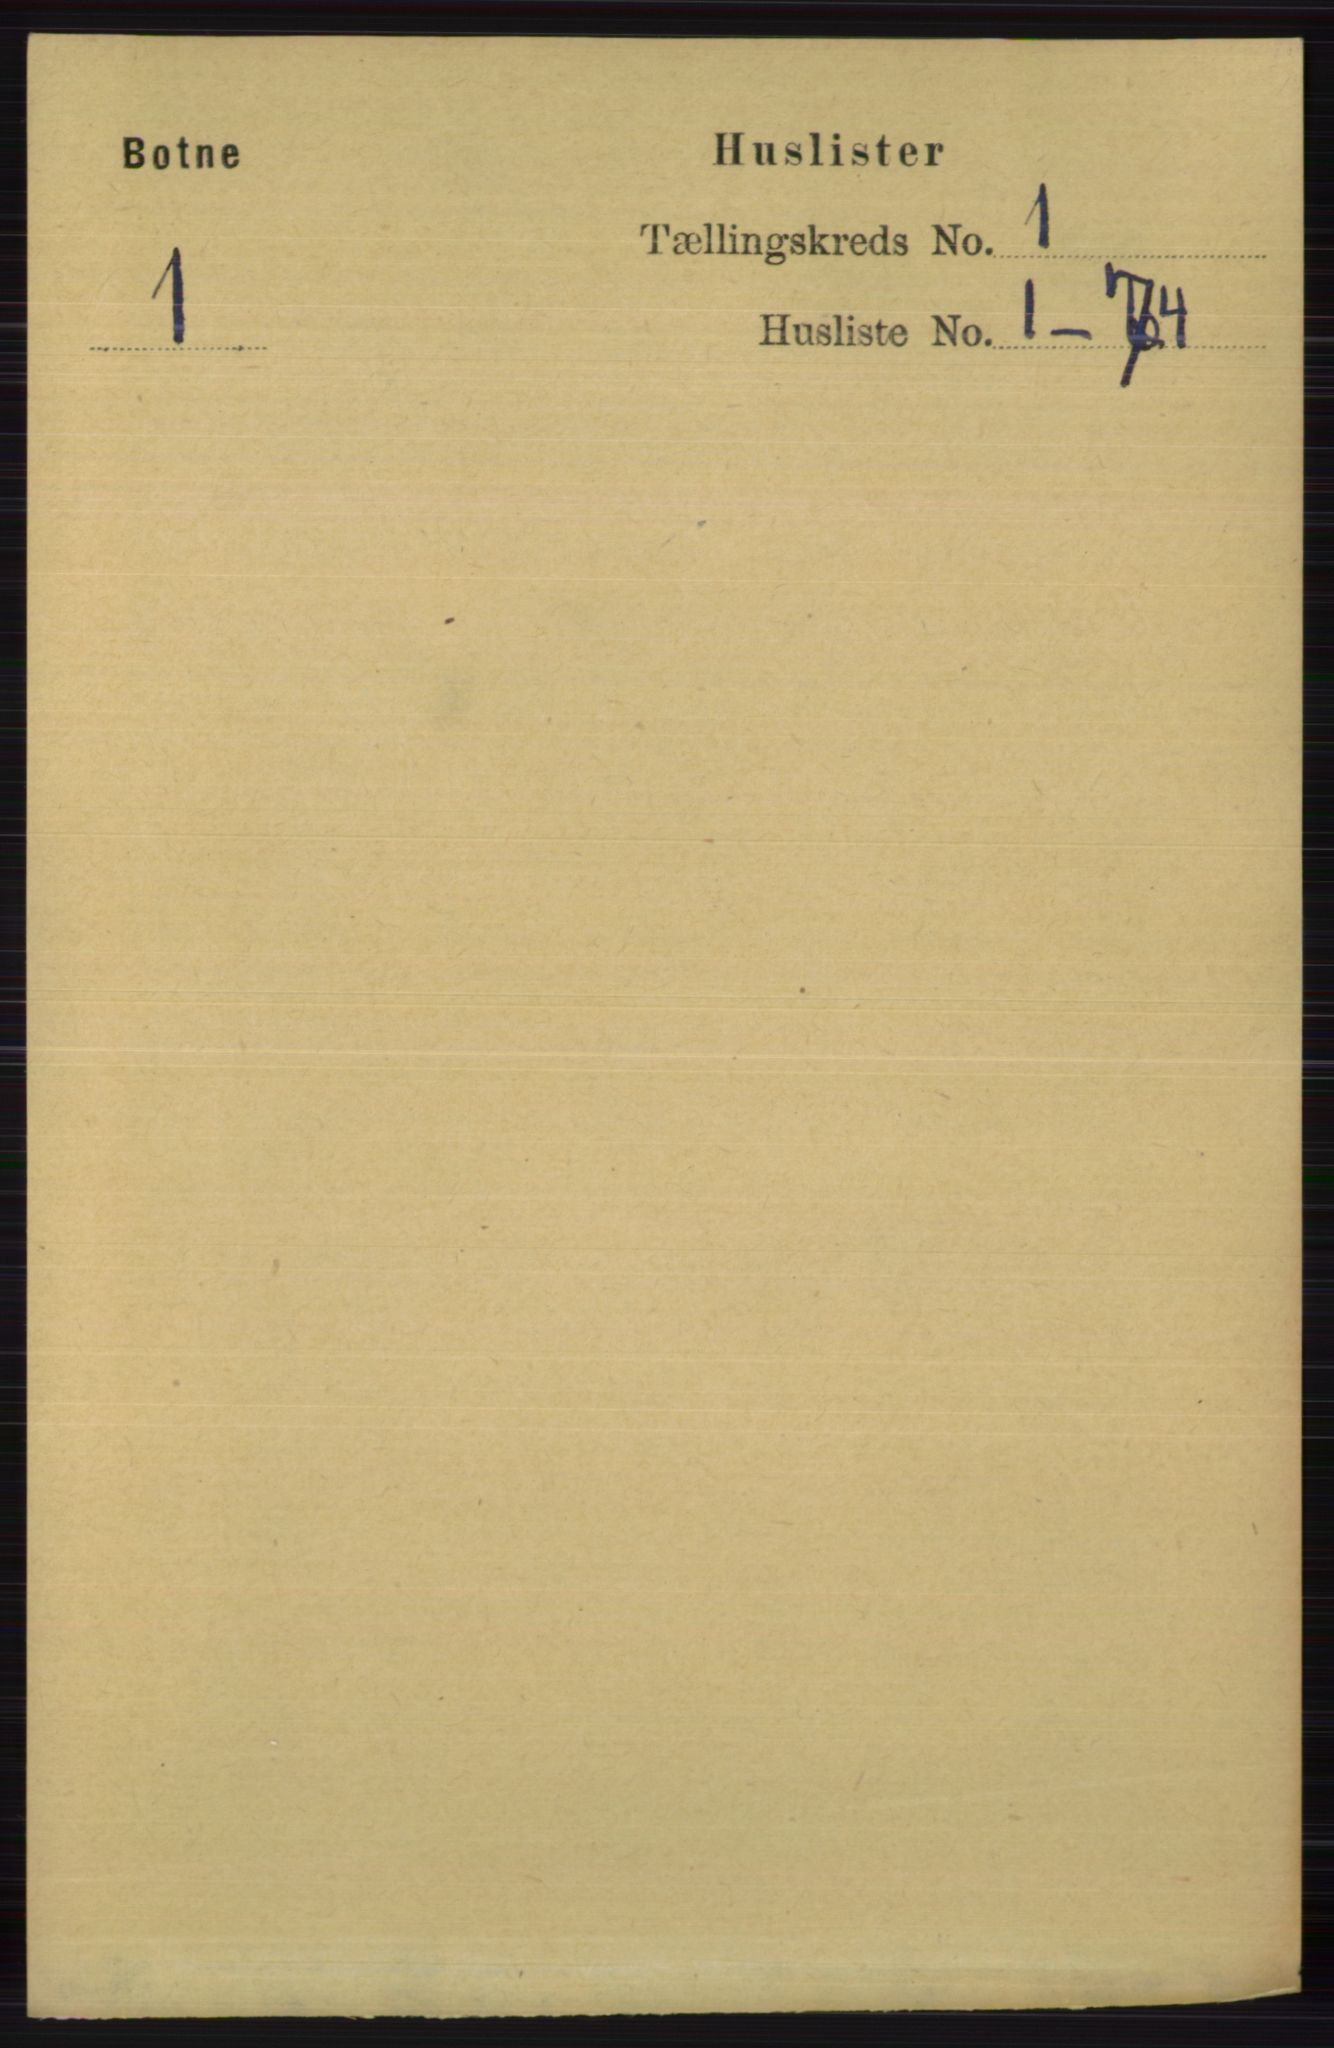 RA, Folketelling 1891 for 0715 Botne herred, 1891, s. 18